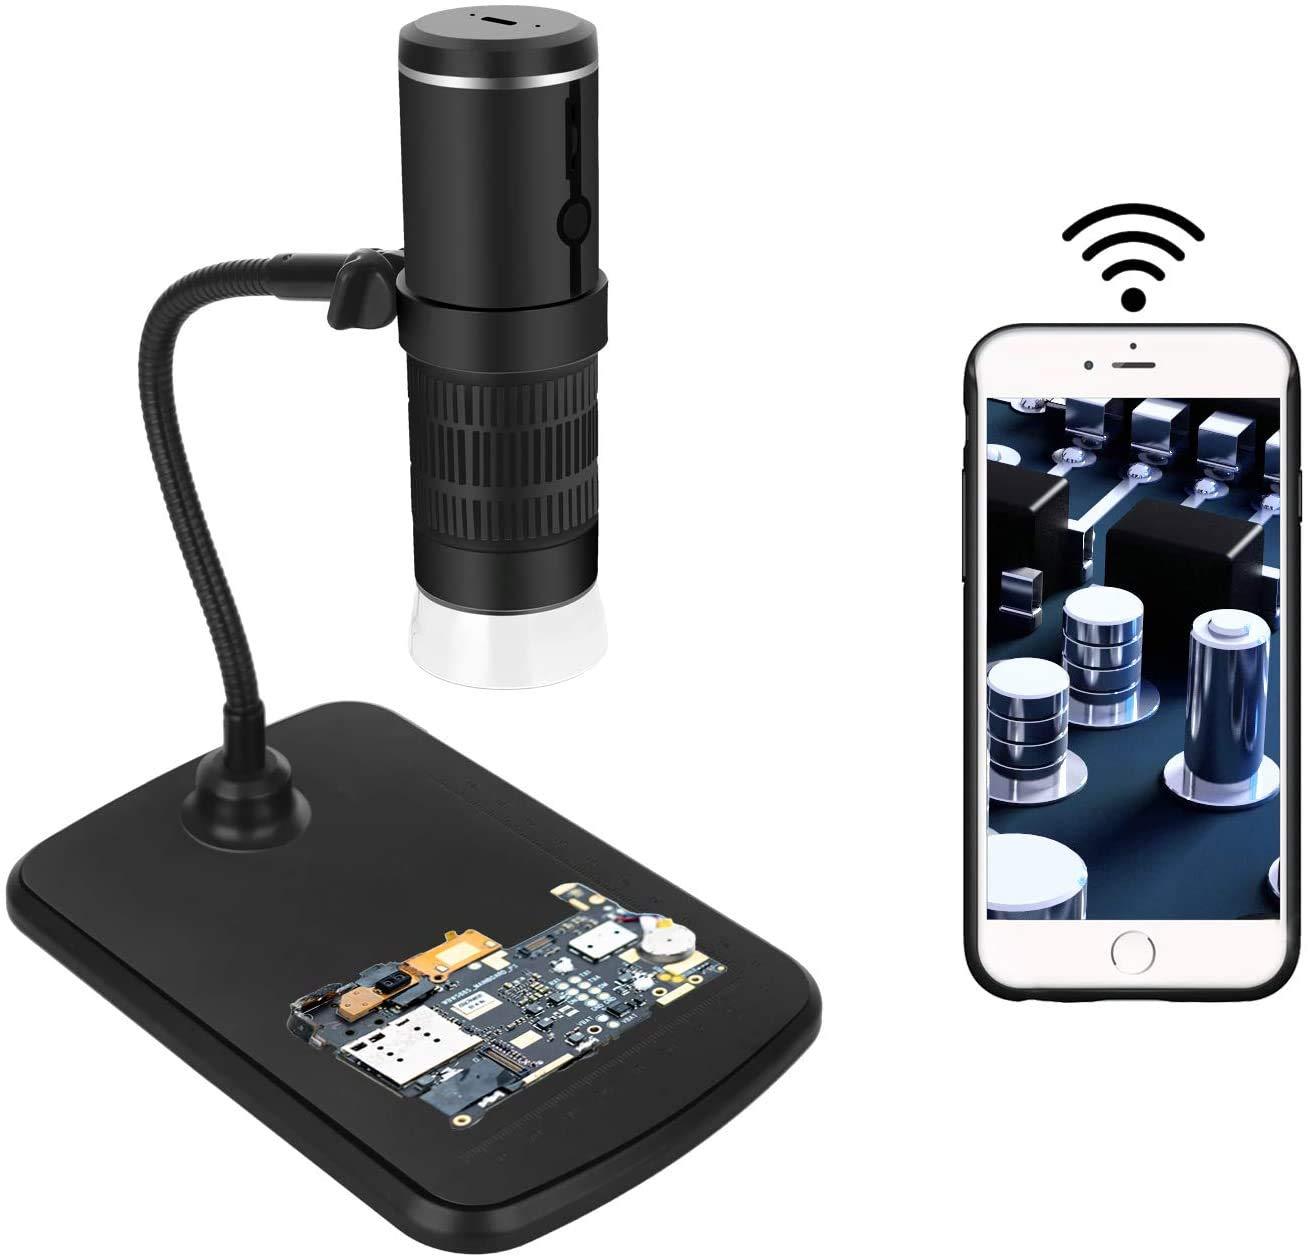 Drahtloses Digitales Mikroskop Wifi Mikroskop Kamera 50x Und 1000x Zoom 1080p Mit Professionellem Hubständer Taschenmikroskop Mit 8 Led Licht Kompatibel Für Ios Und Android Gewerbe Industrie Wissenschaft